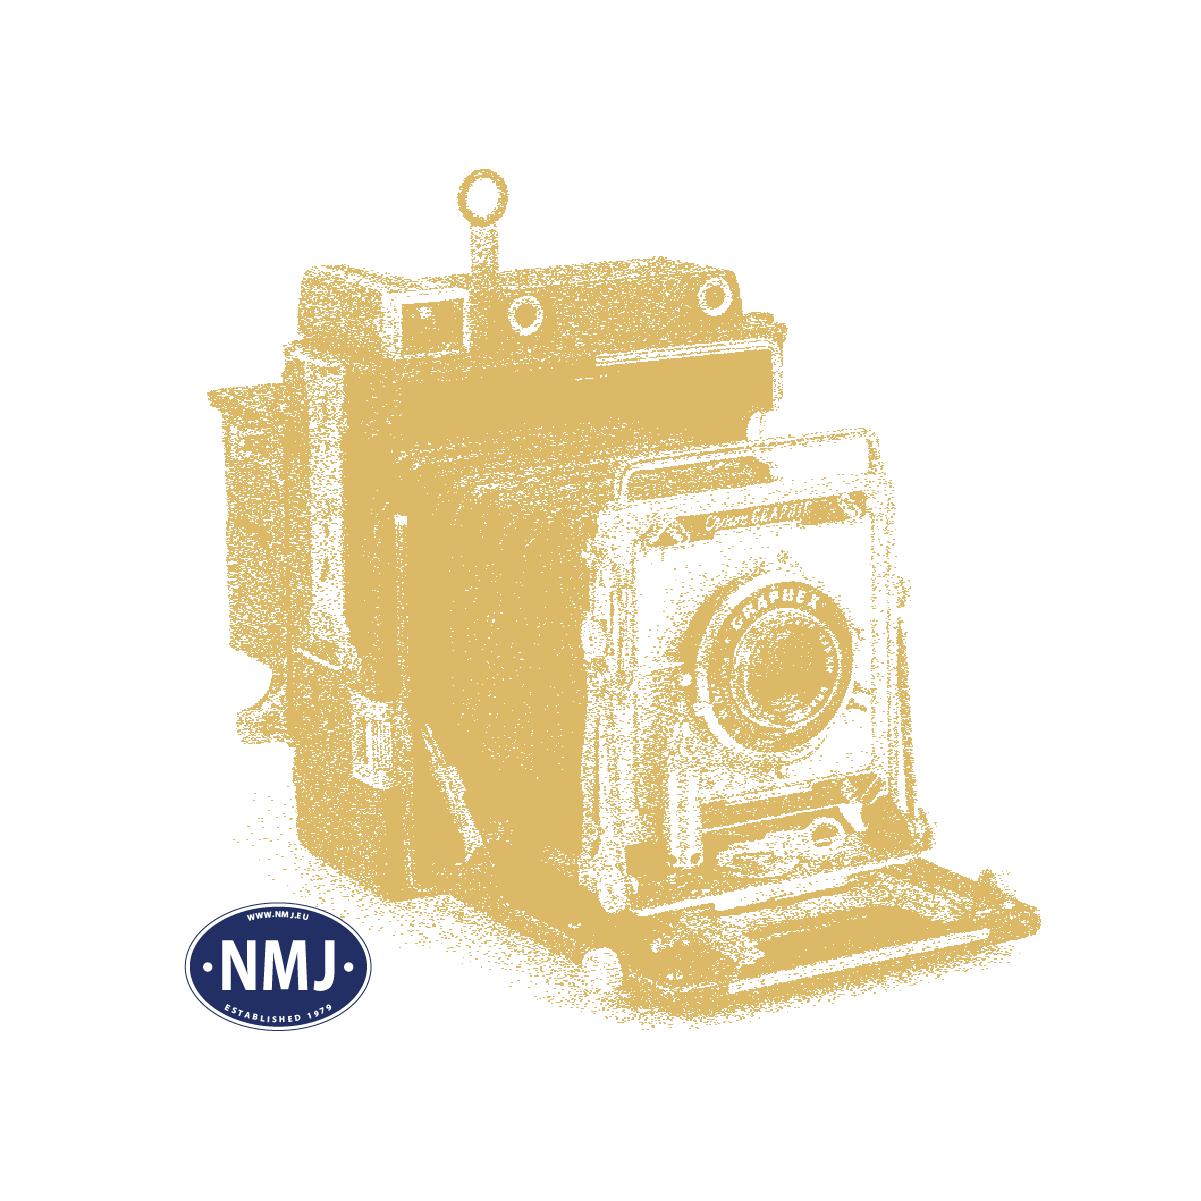 NMJ0.21506 - NMJ Superline NSB BF10.21506, 0-Skala